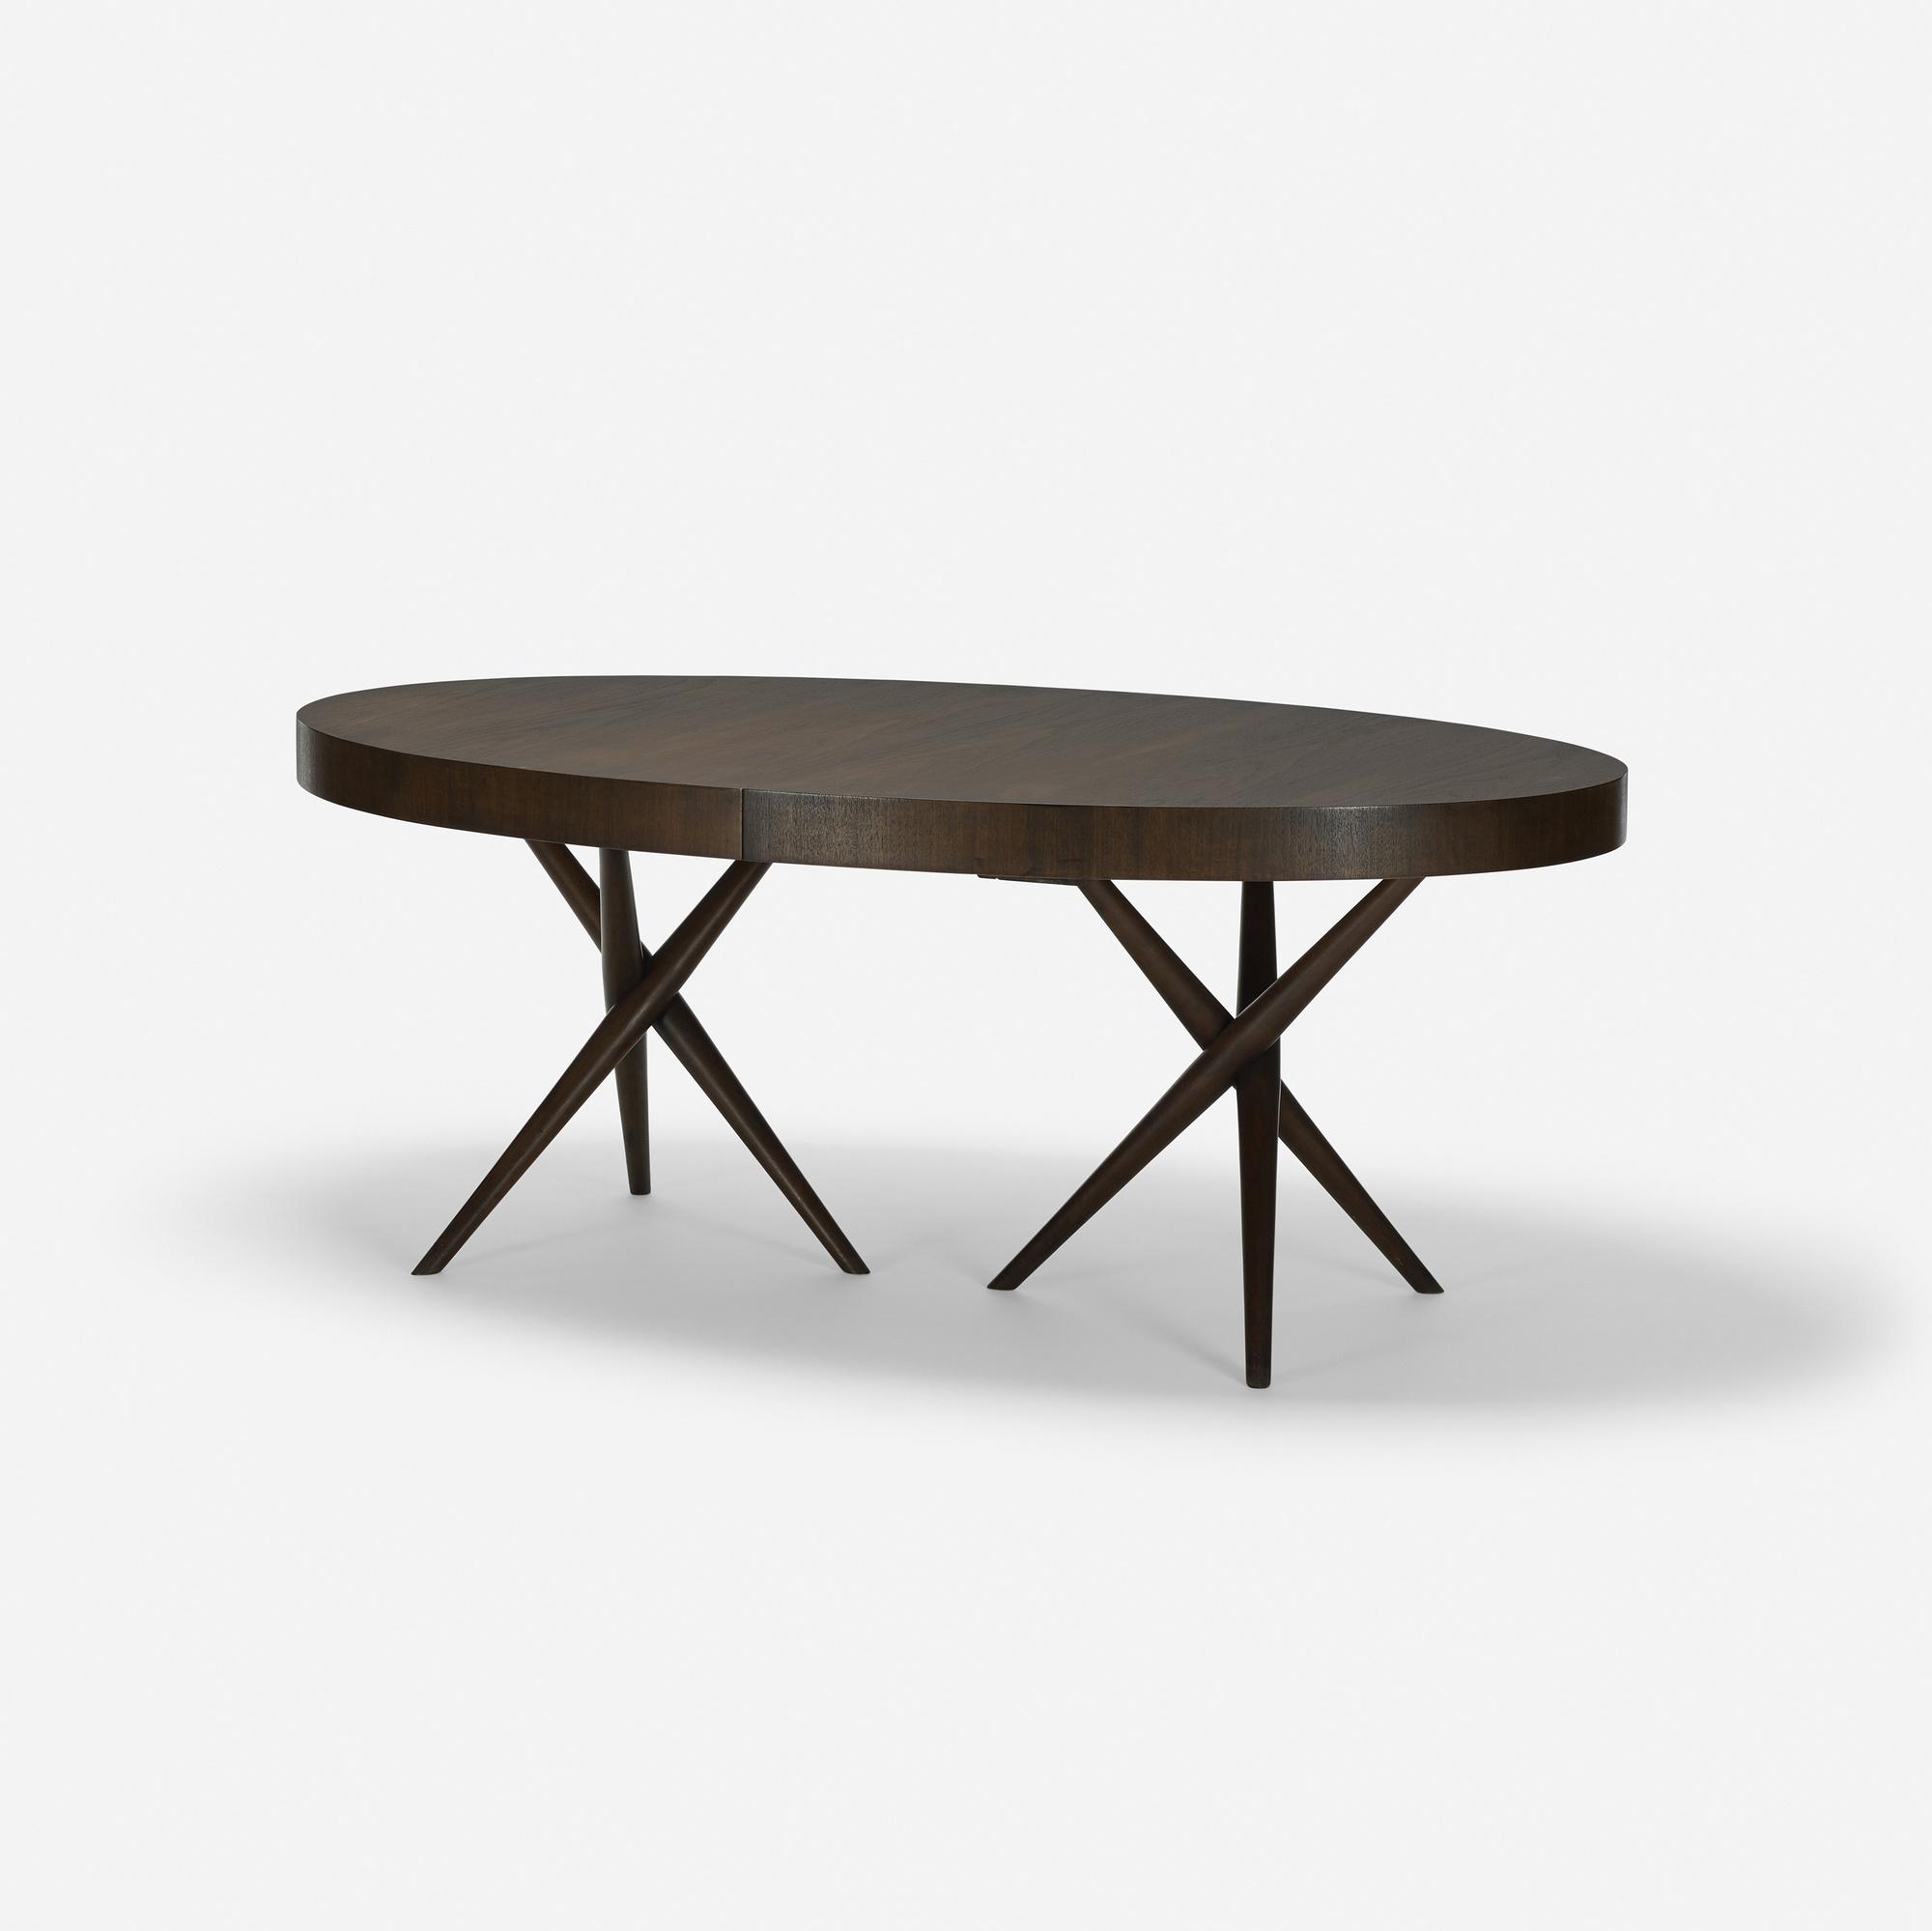 435 t h robsjohn gibbings dining table model 1642 for Email table design